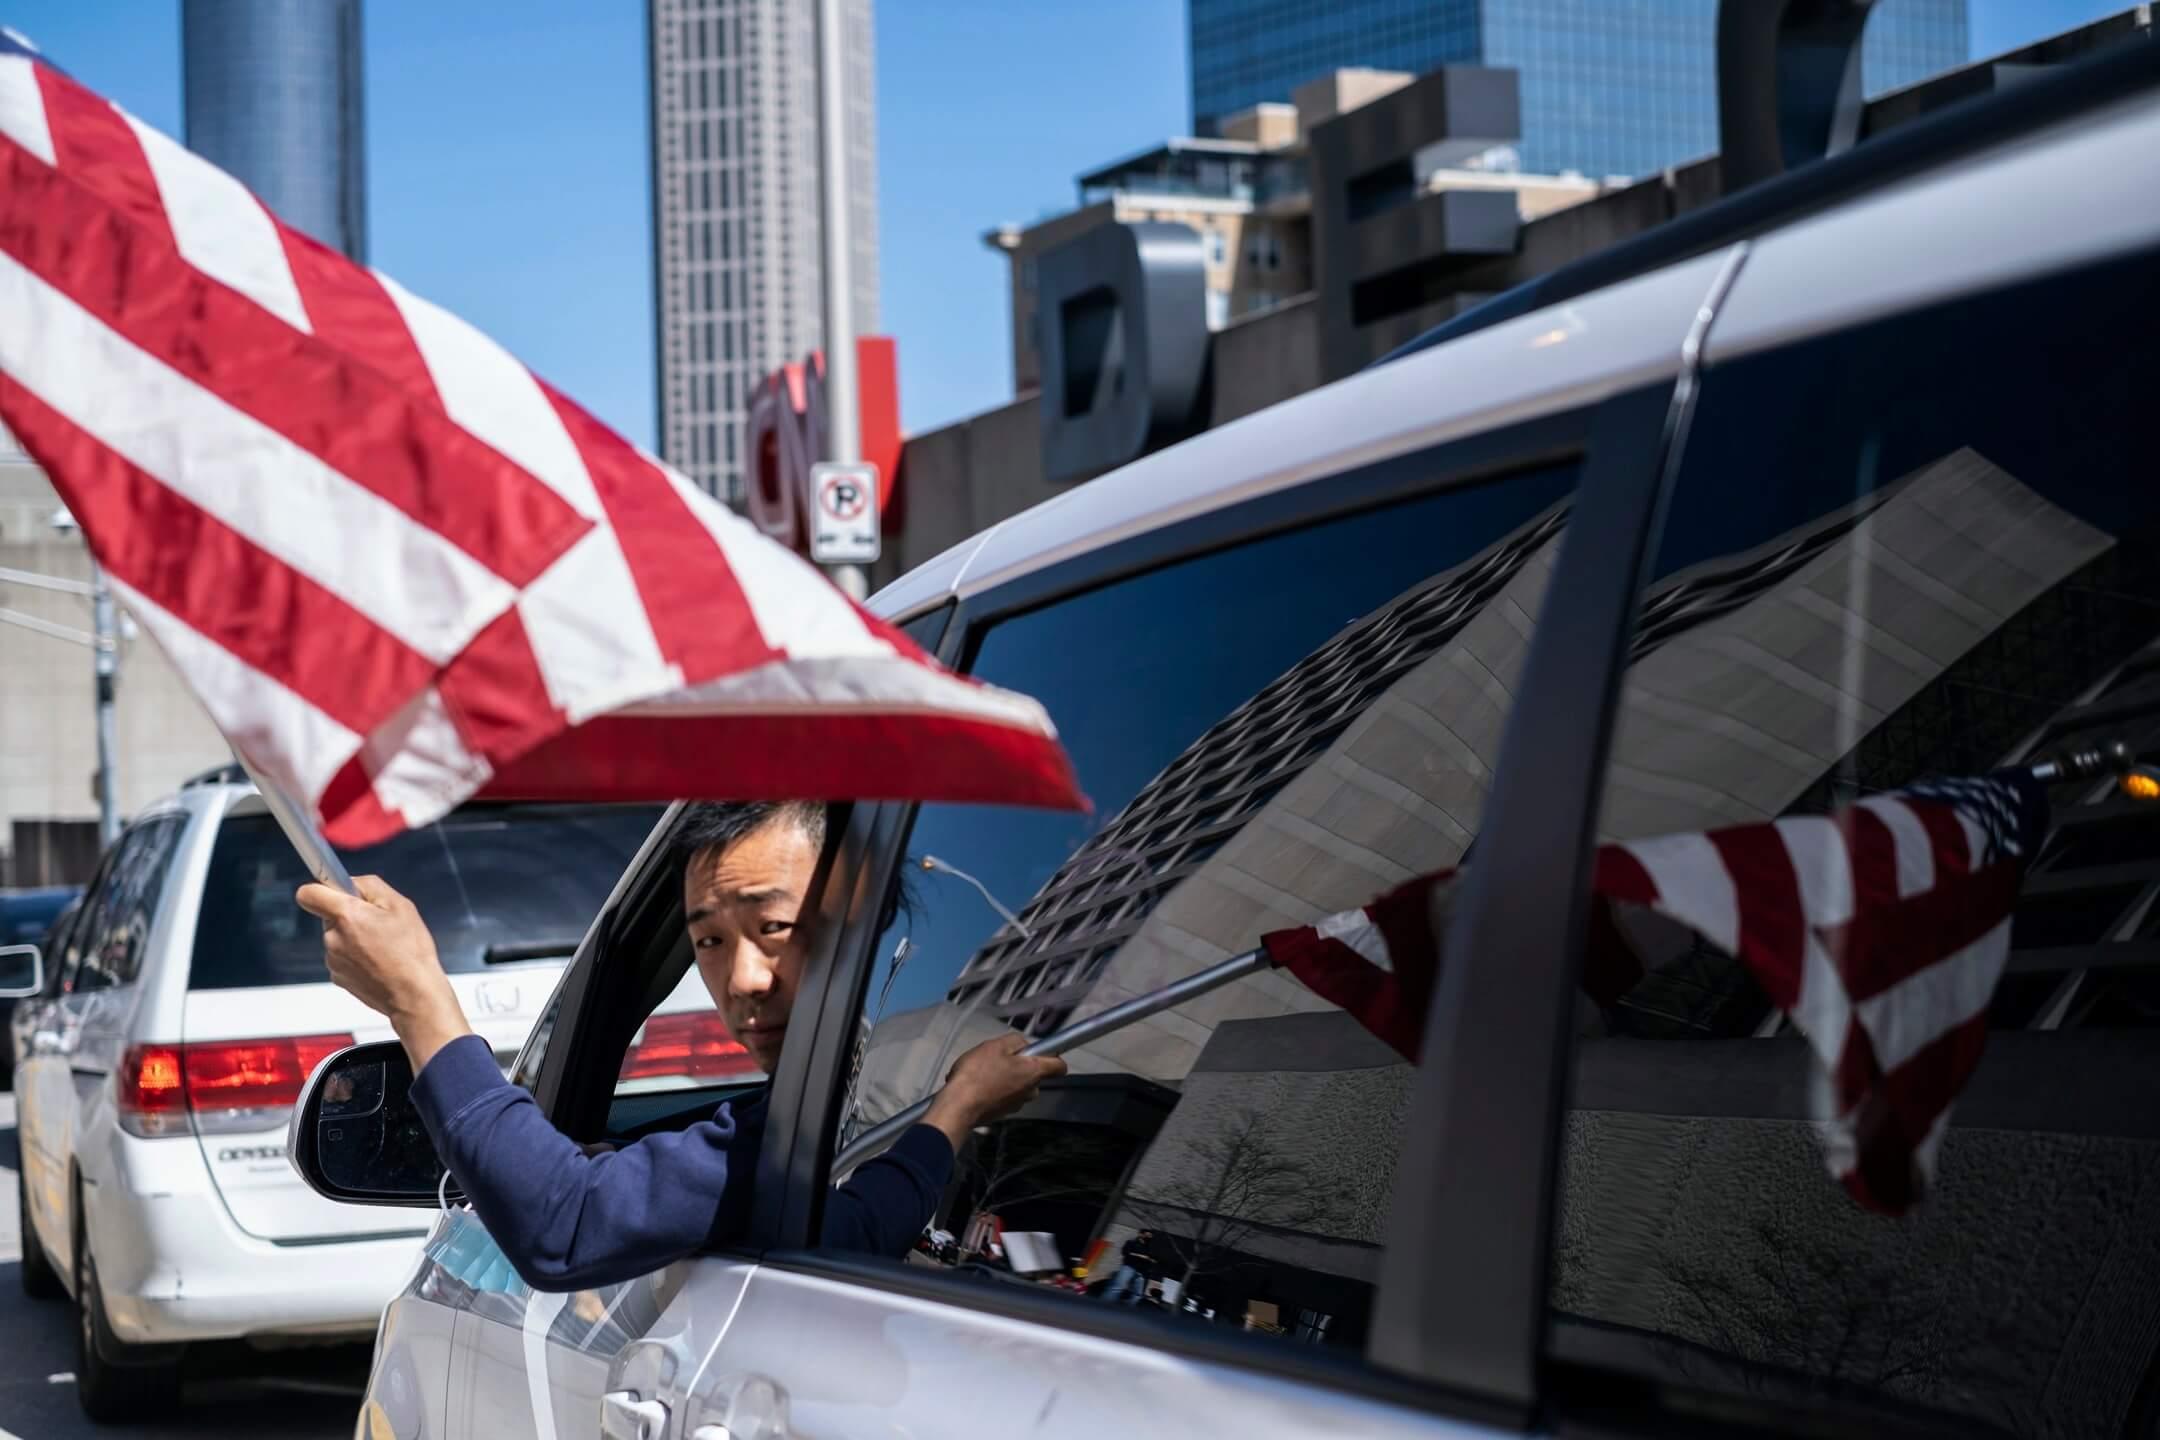 2021年3月20日,美國佐治亞州亞特蘭大市,有「停止仇恨亞裔」集會,一名參加者從車內揮動美國旗。 攝:Ben Gray/AP/達志影像